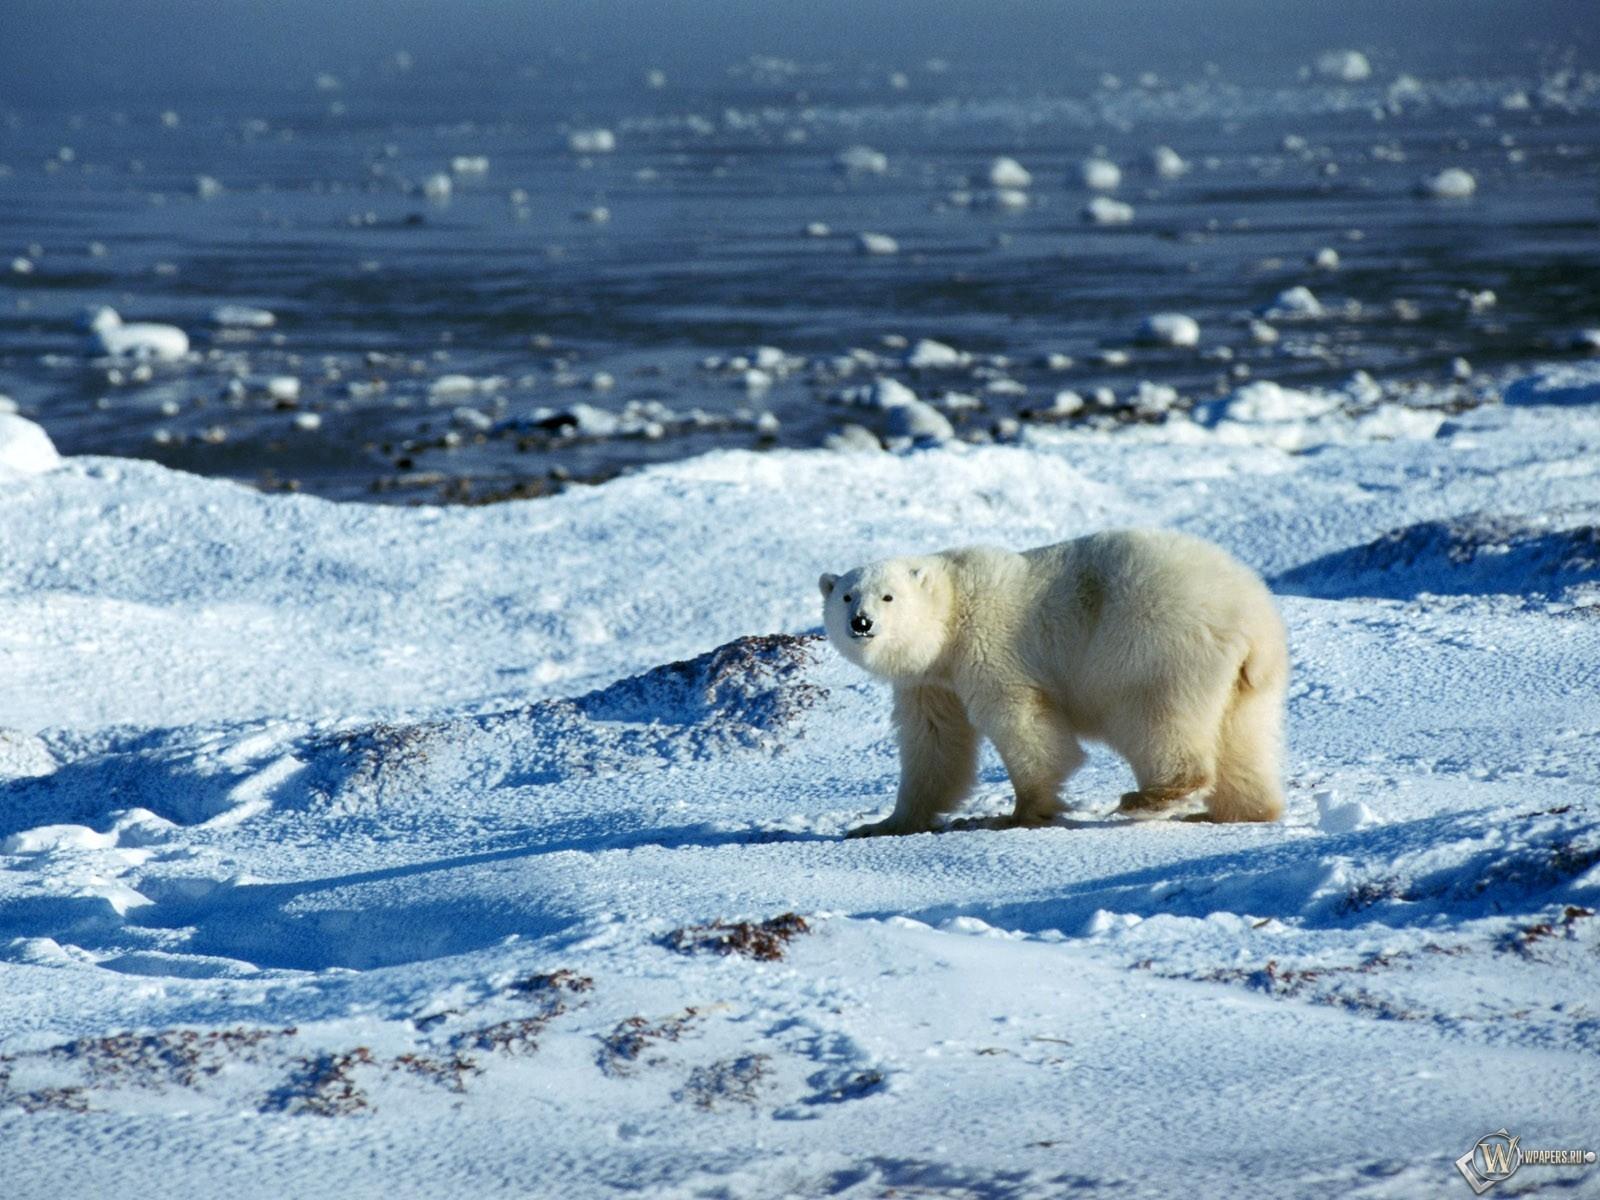 Белый медведь у моря 1600x1200